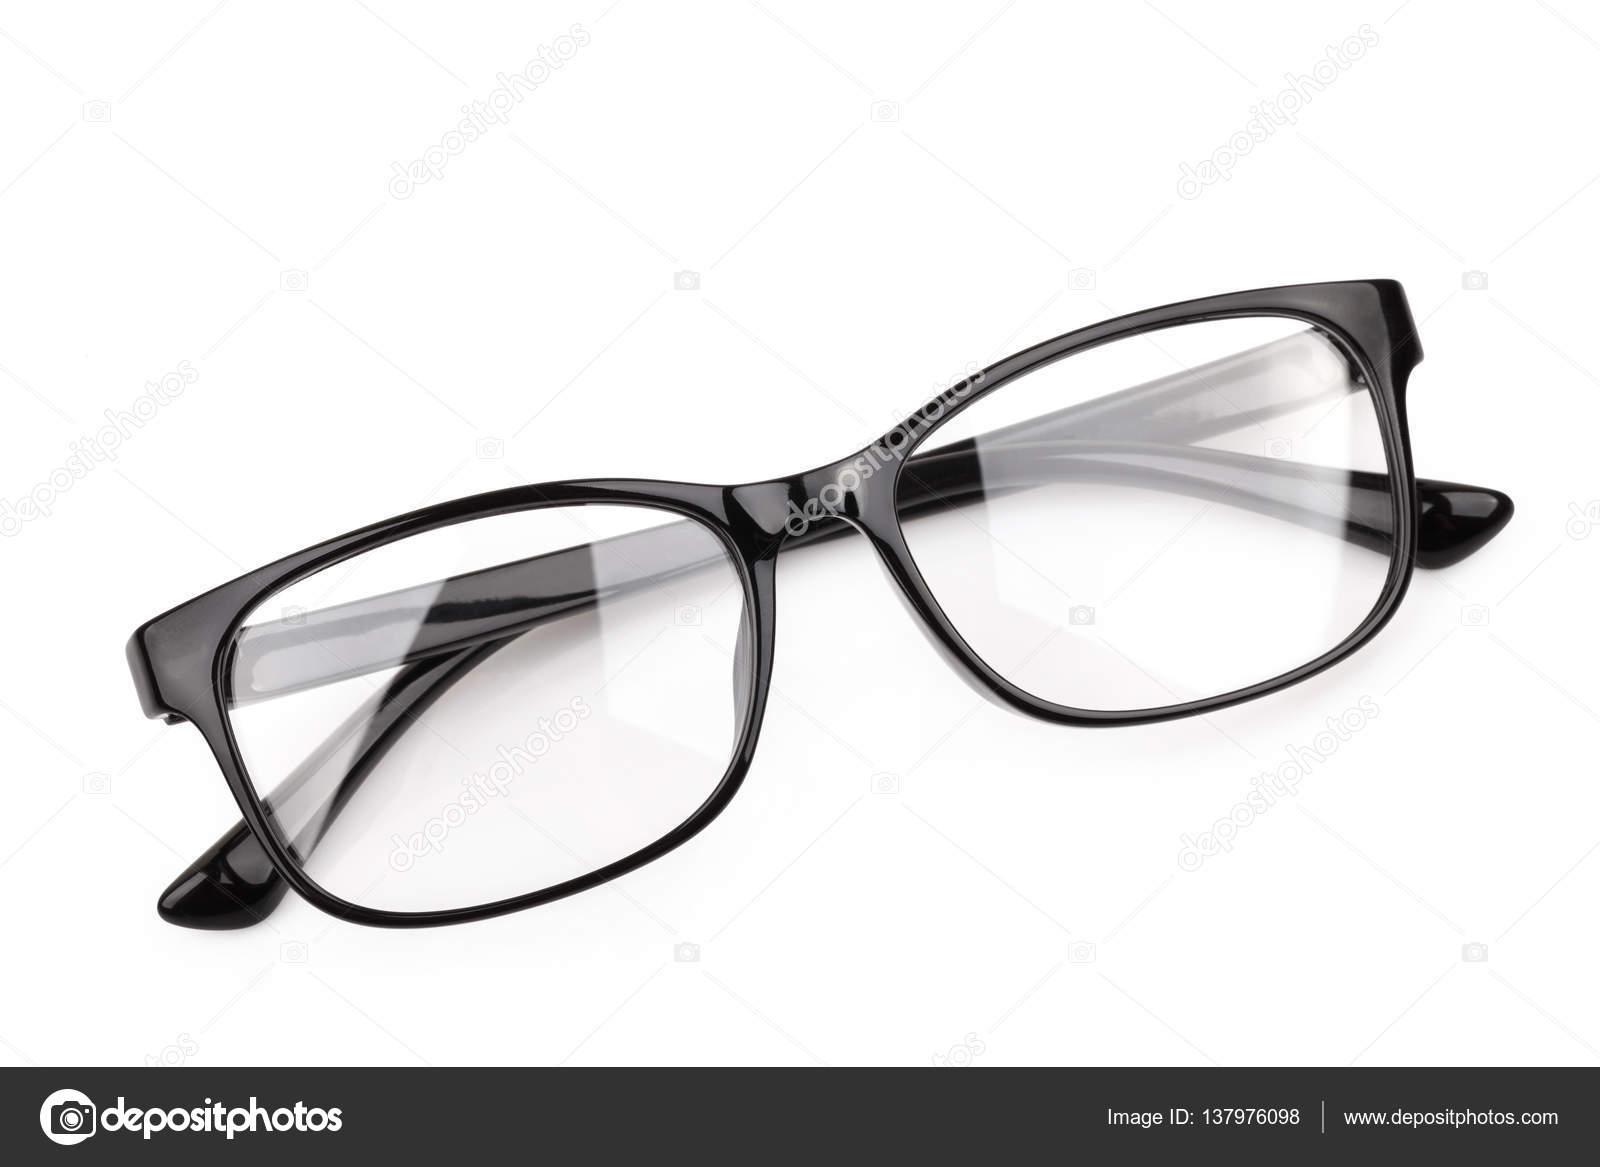 f87744889a0827 brillen isoliert auf weißem hintergrund — Stockfoto © sripfoto ...